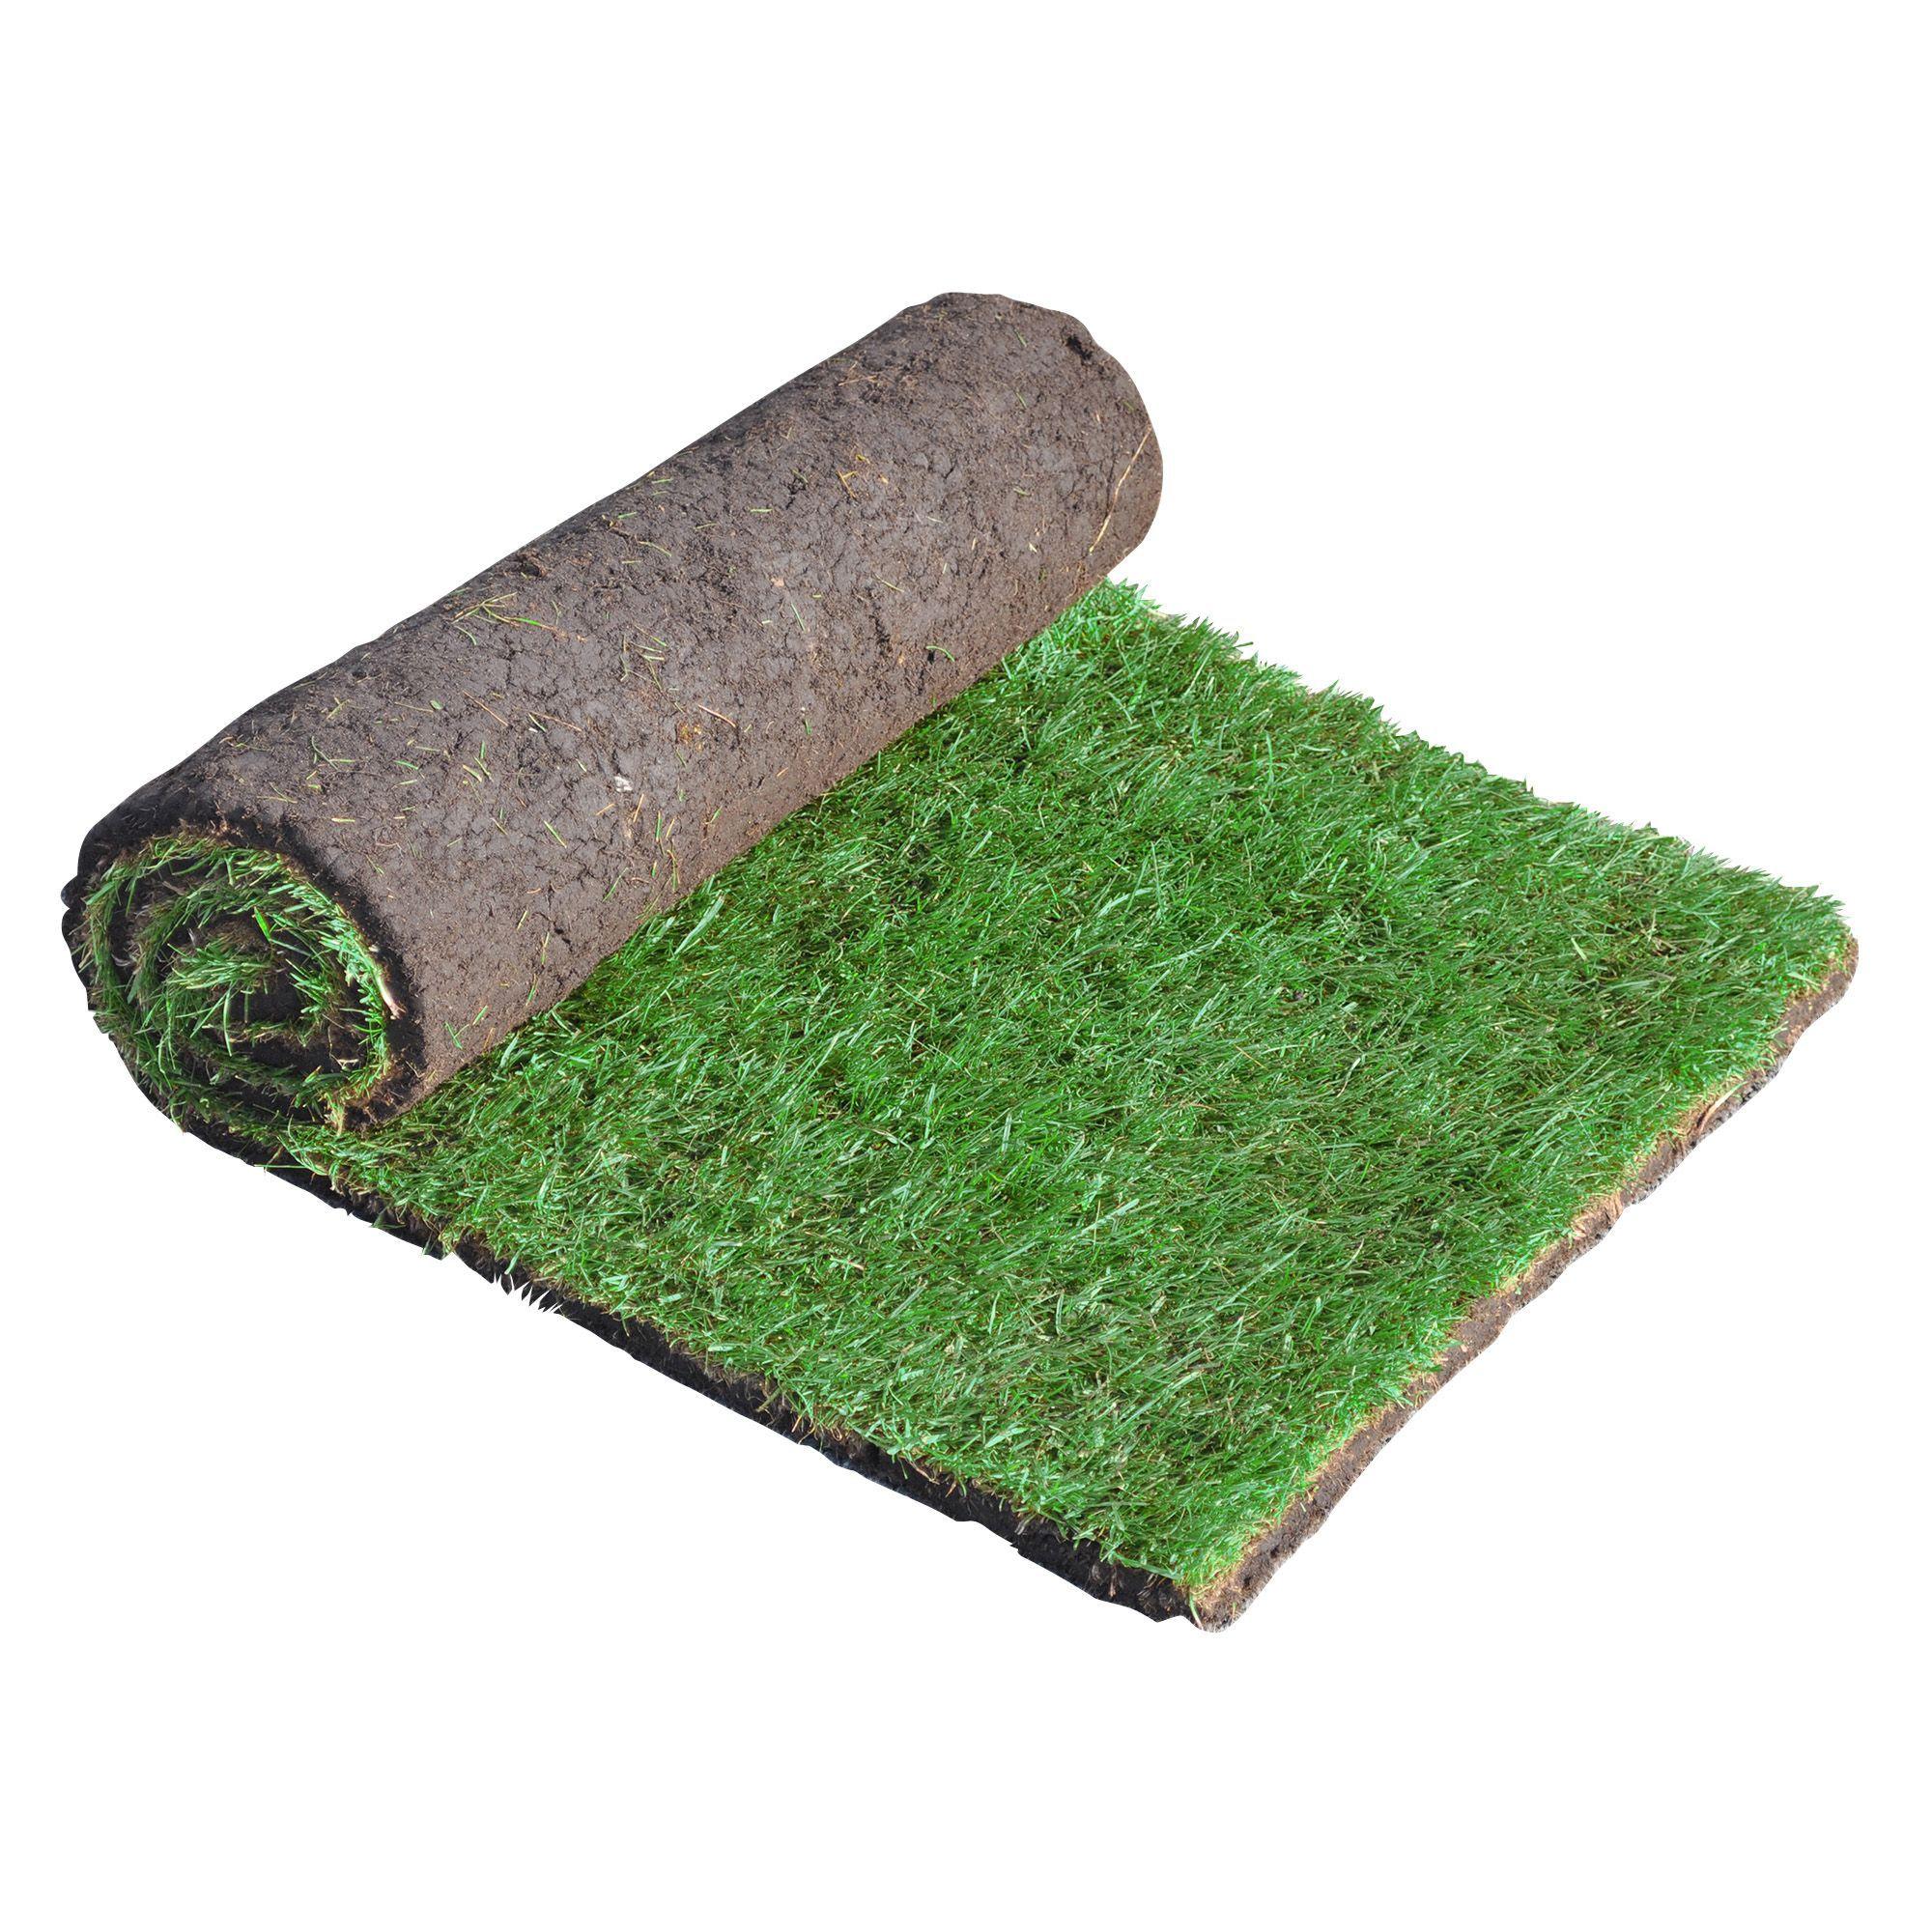 Lawn Turf W 610mm L 1370mm Roll Of 40 Departments